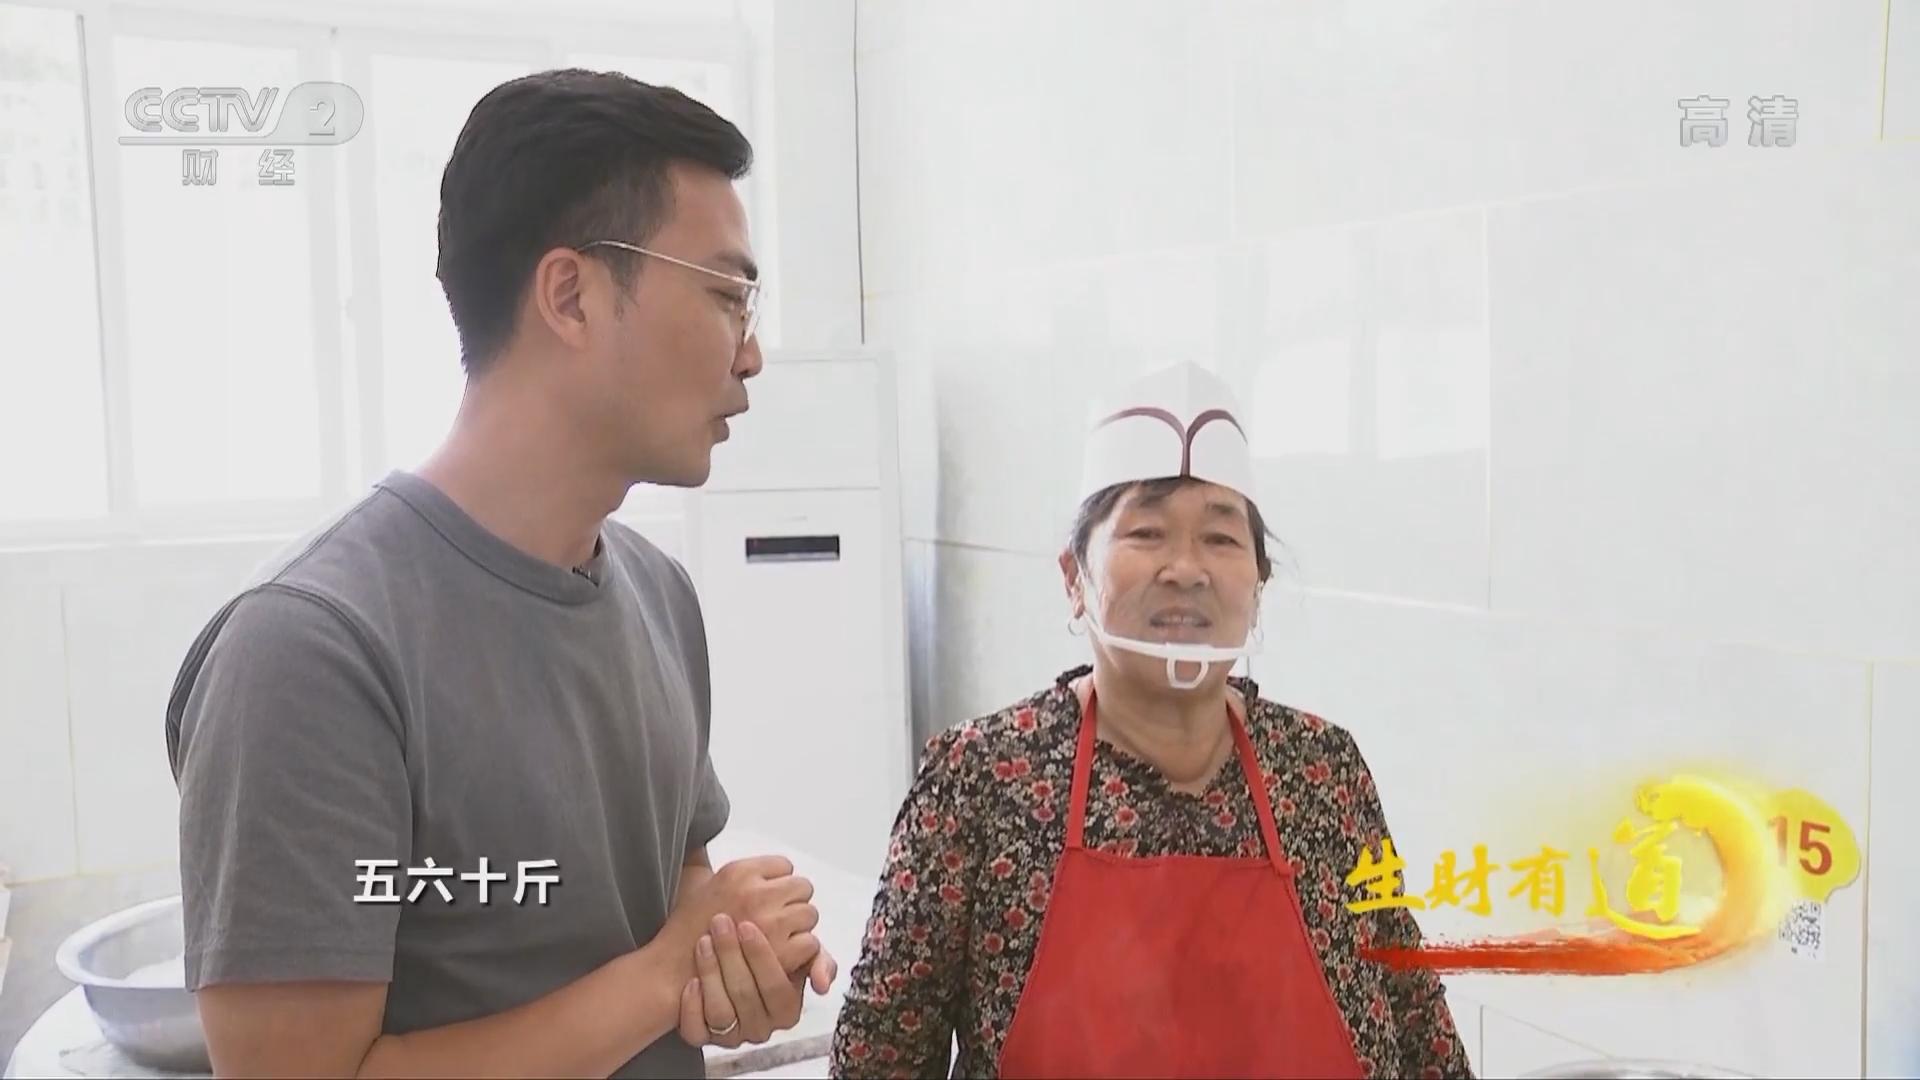 《生财有道》 20211019 生态中国沿海行——山东蓬莱:海洋宝贝多 渔家生财忙